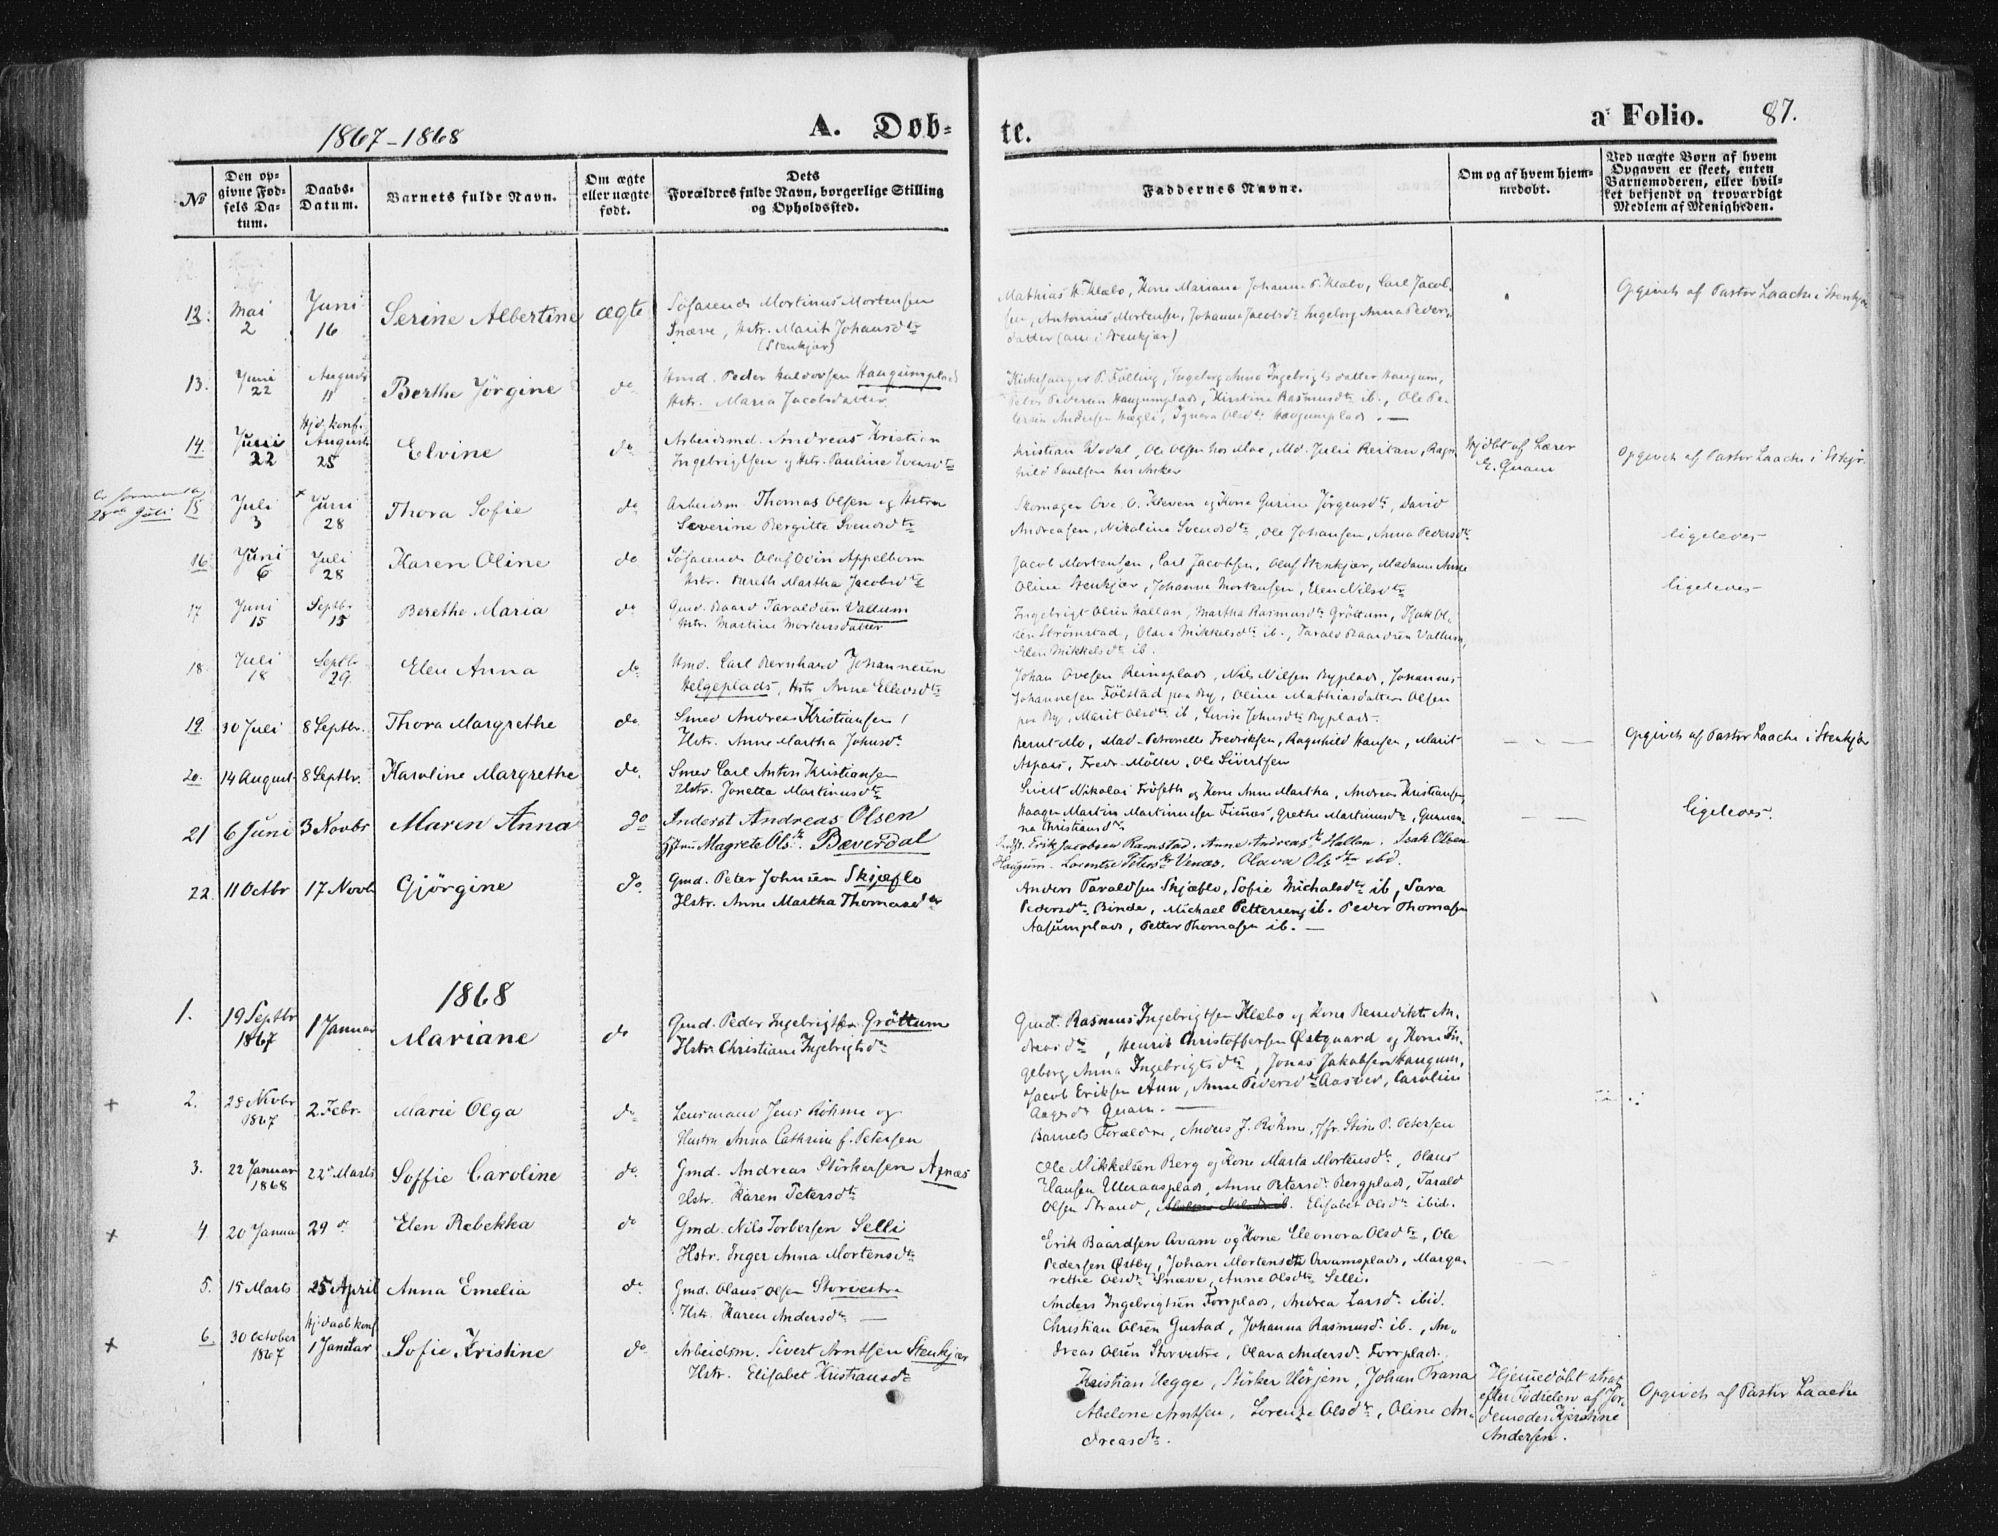 SAT, Ministerialprotokoller, klokkerbøker og fødselsregistre - Nord-Trøndelag, 746/L0447: Ministerialbok nr. 746A06, 1860-1877, s. 87